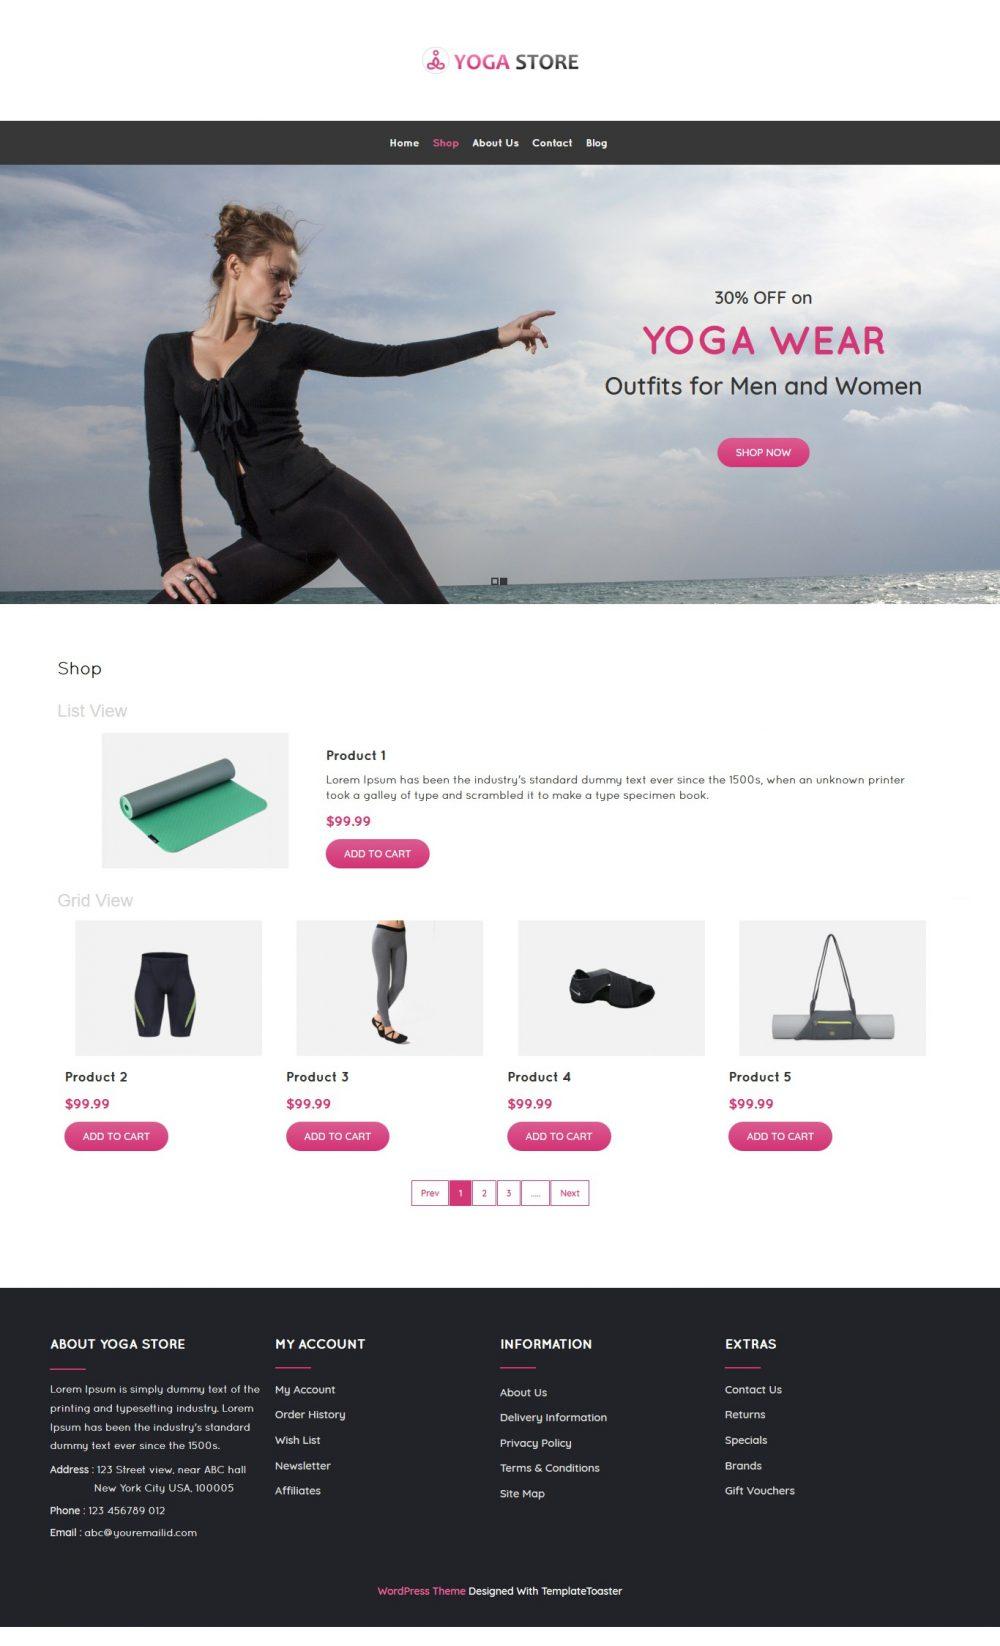 Yoga Store - Yoga Product Shop WooCommerce Theme